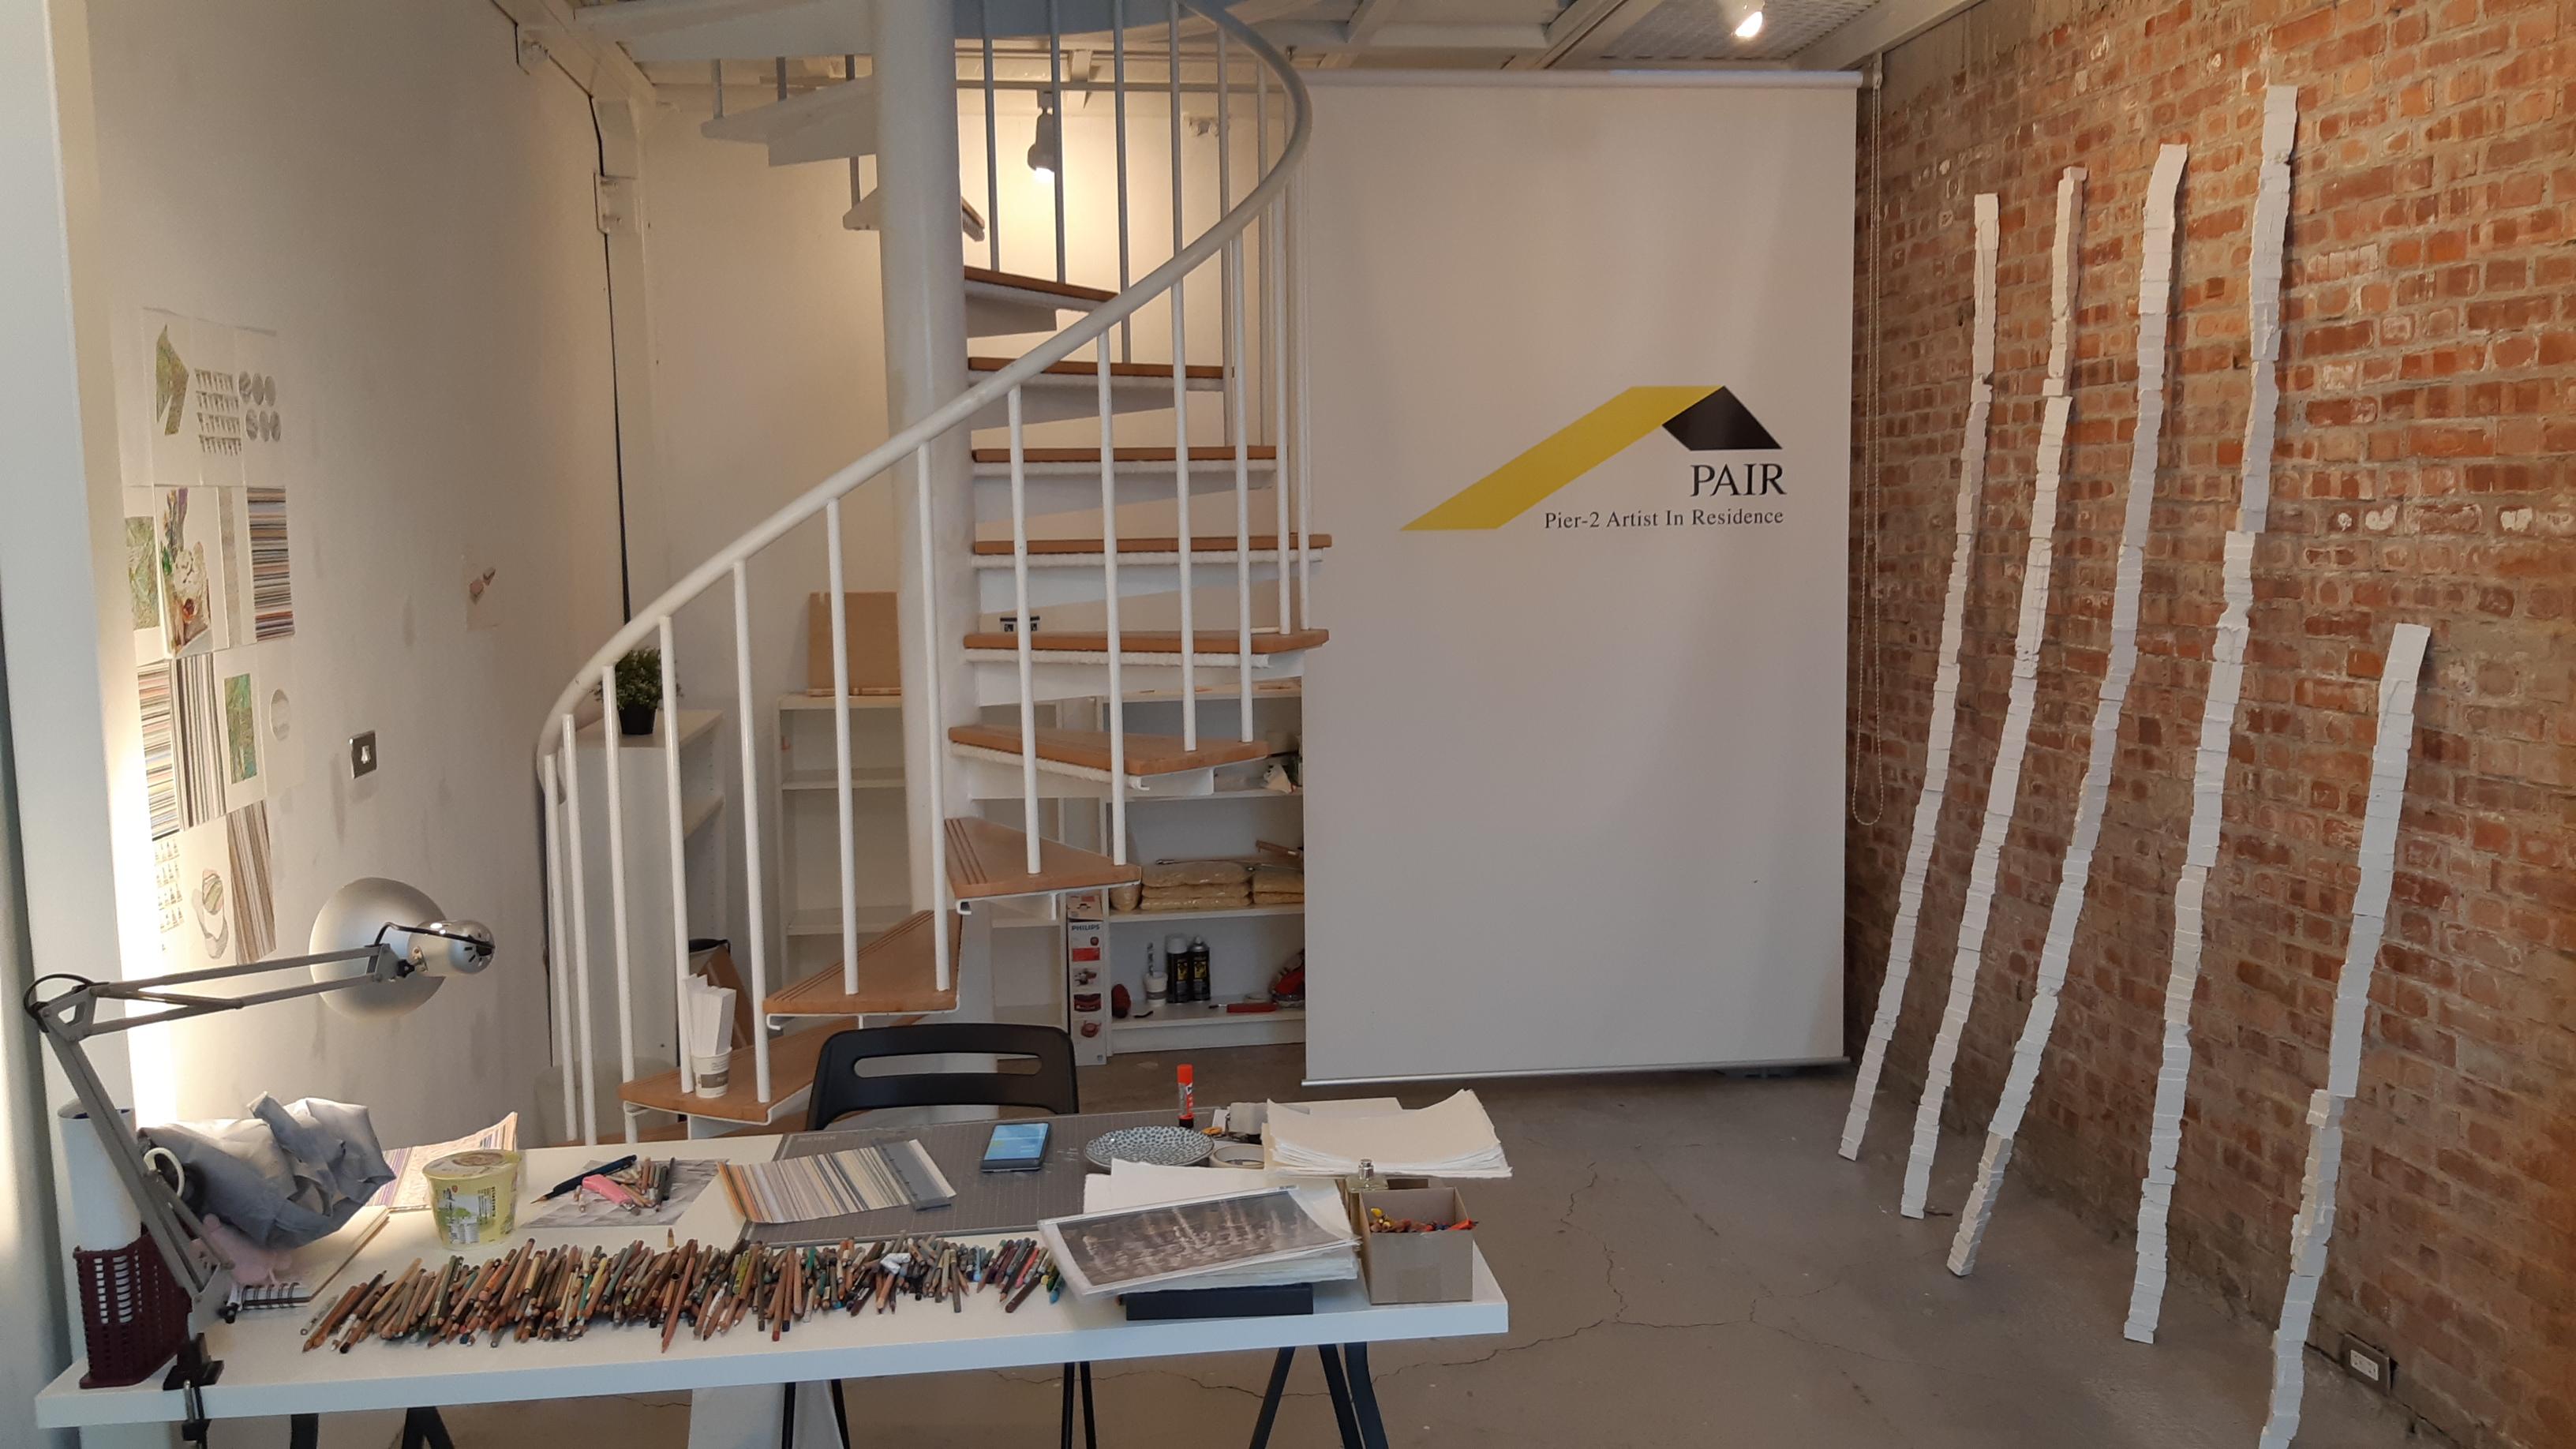 Pier-2 Art Center's Studio